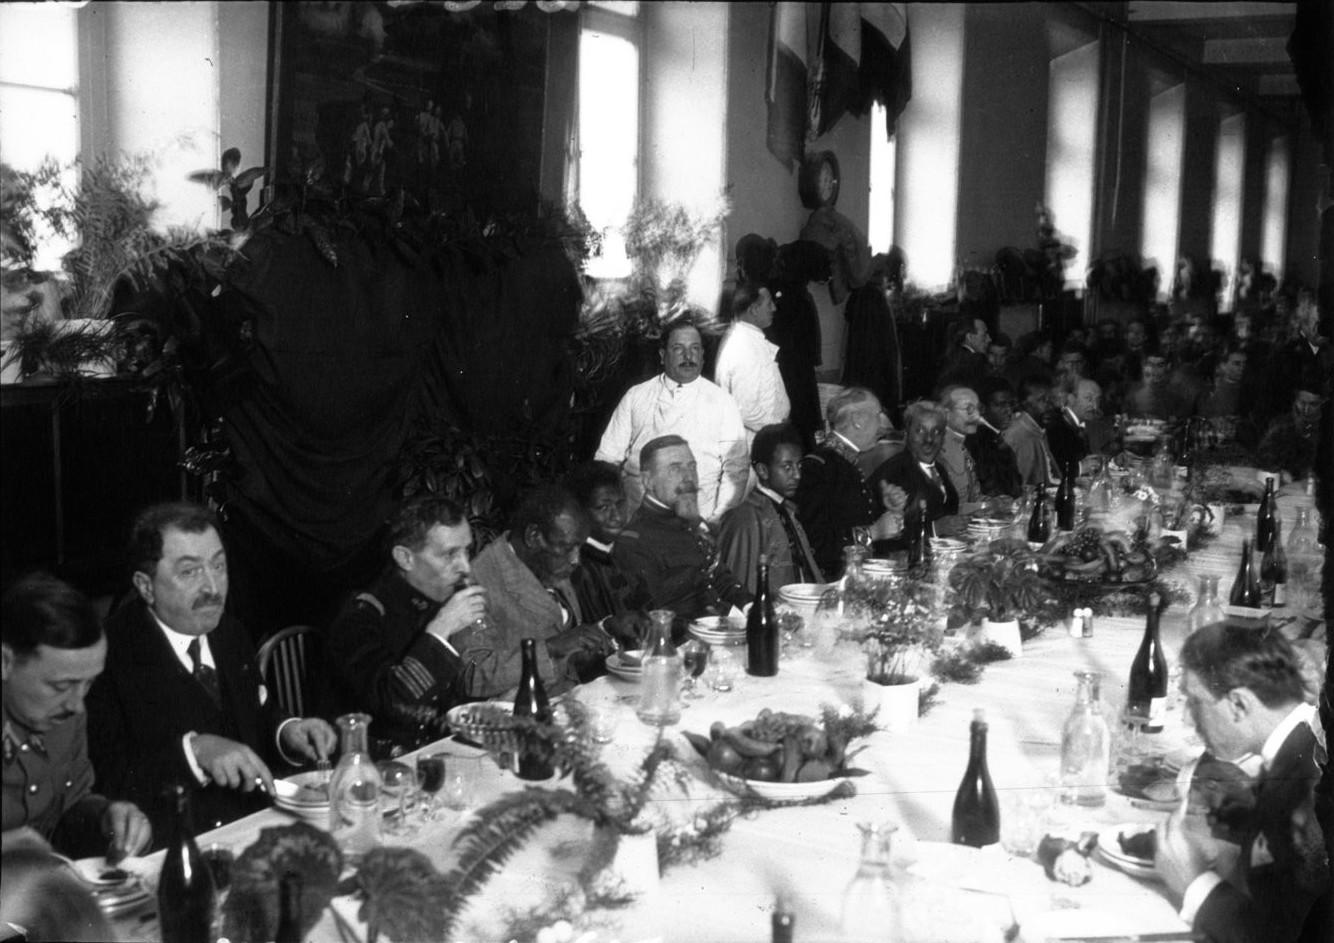 Особая военная школа Сен-Сир. Торжественный обед в честь эфиопского принца